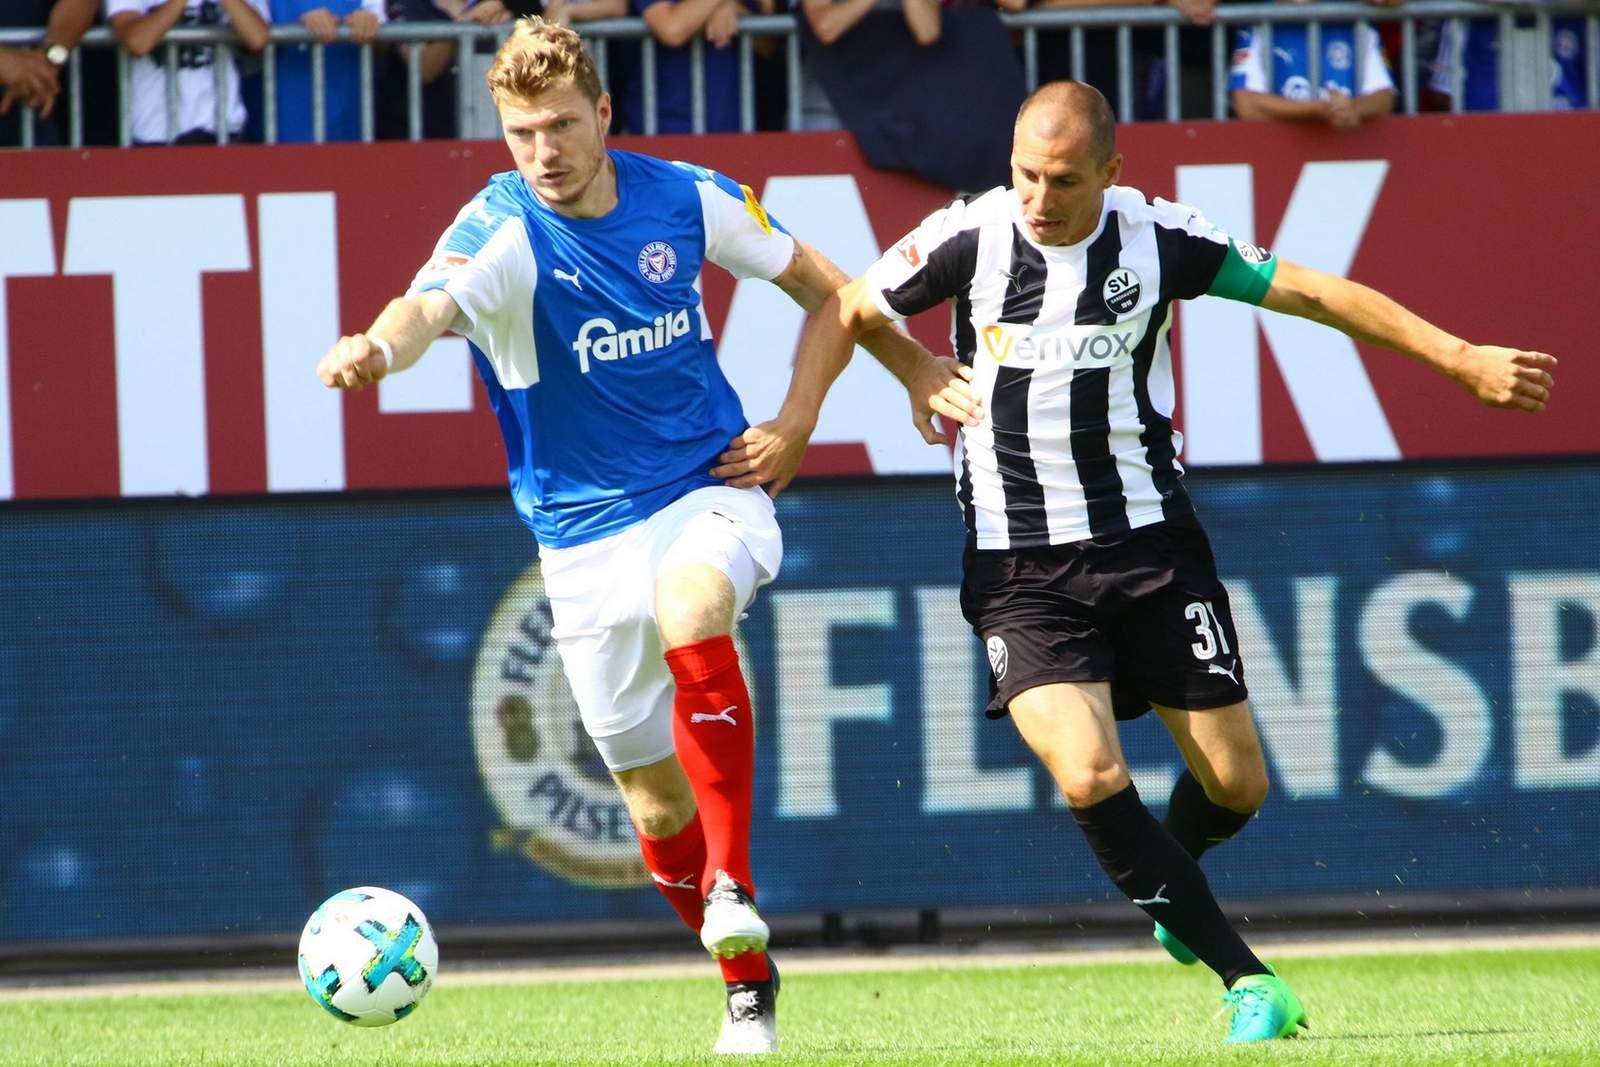 Eilt Alexander Mühling Stefan Kulovits davon? Jetzt auf Kiel gegen Sandhausen wetten.